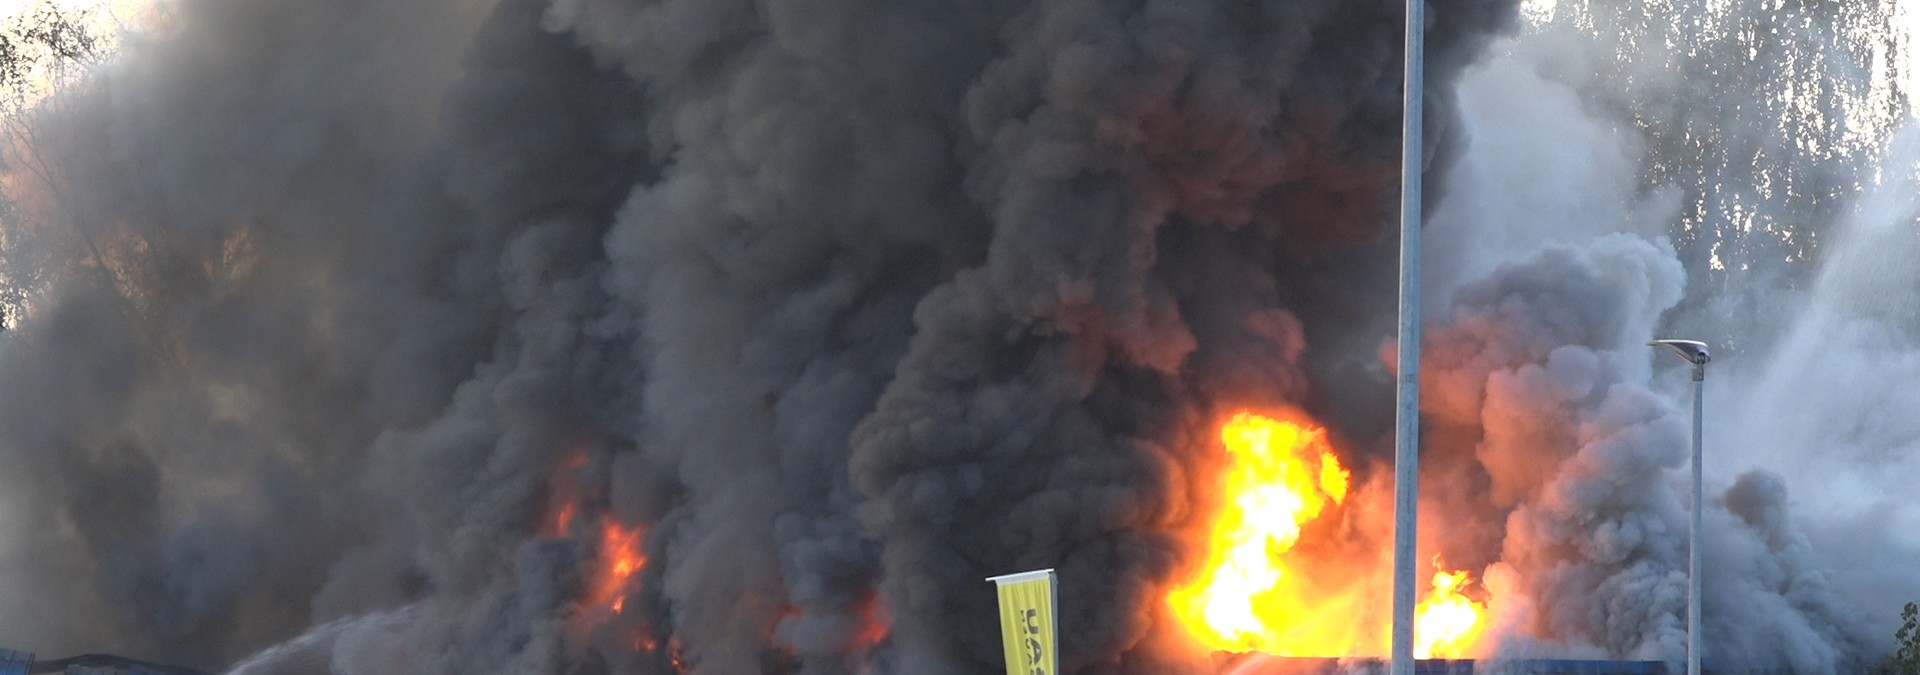 Großbrand in Remshalden